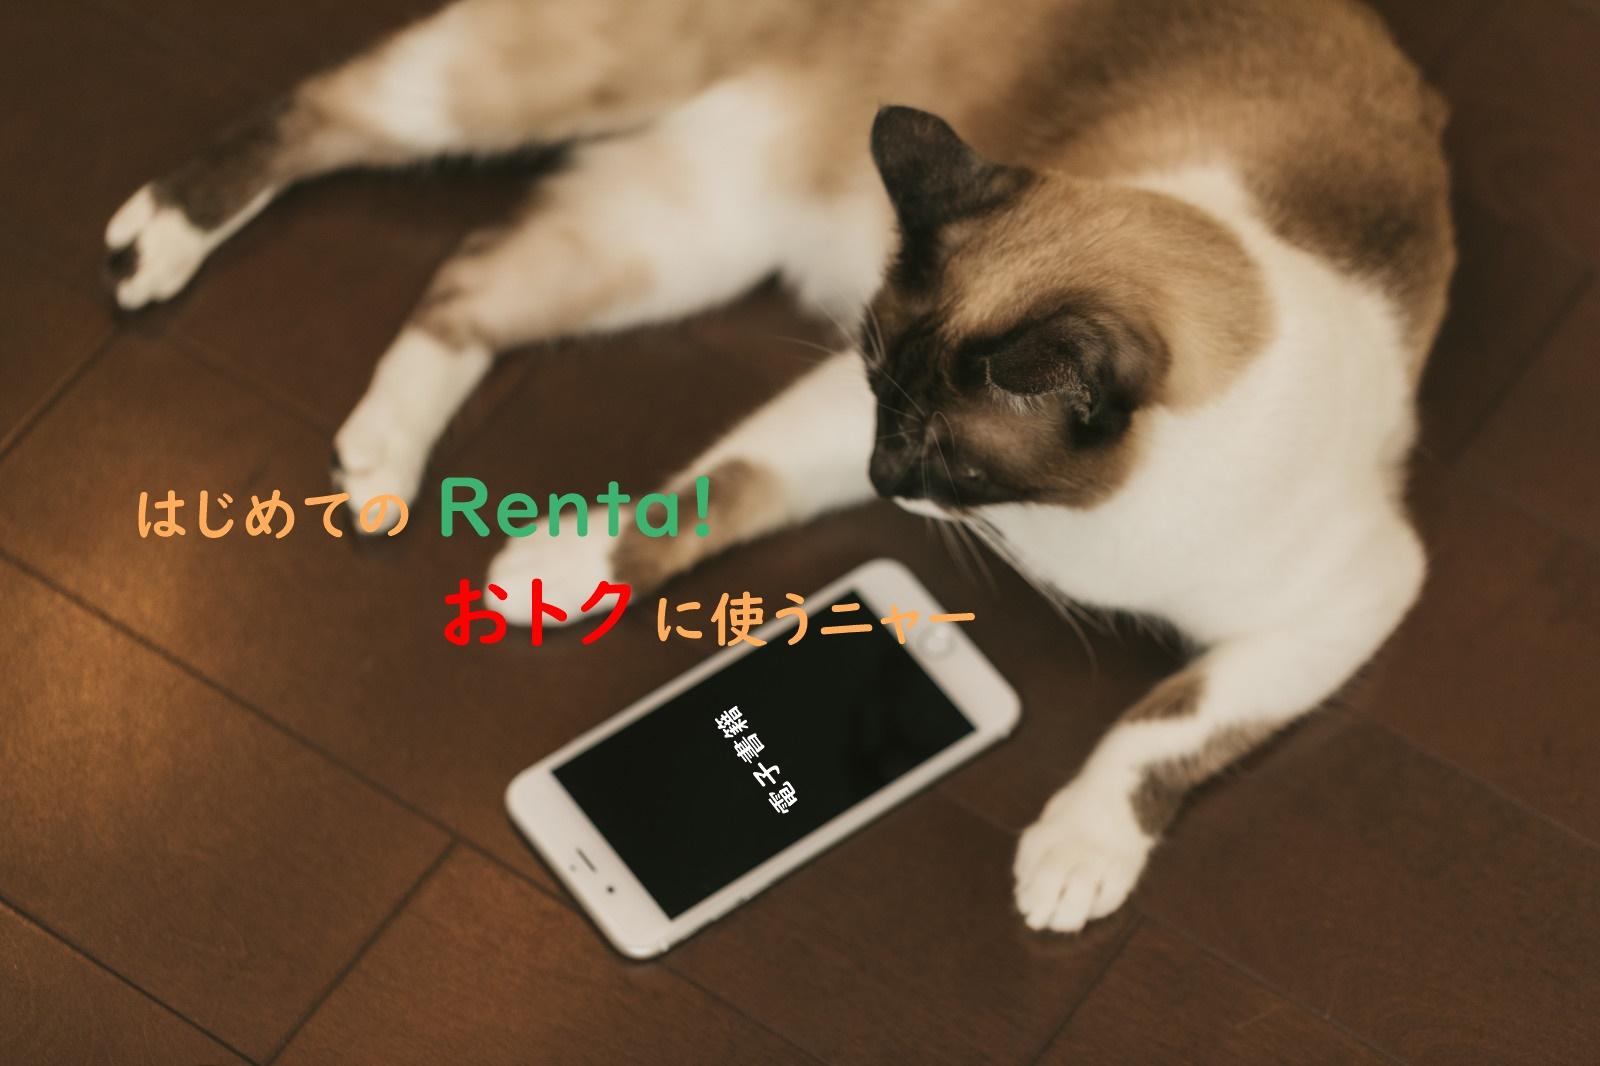 はじめての電子書籍 – Renta! のメリットを解説